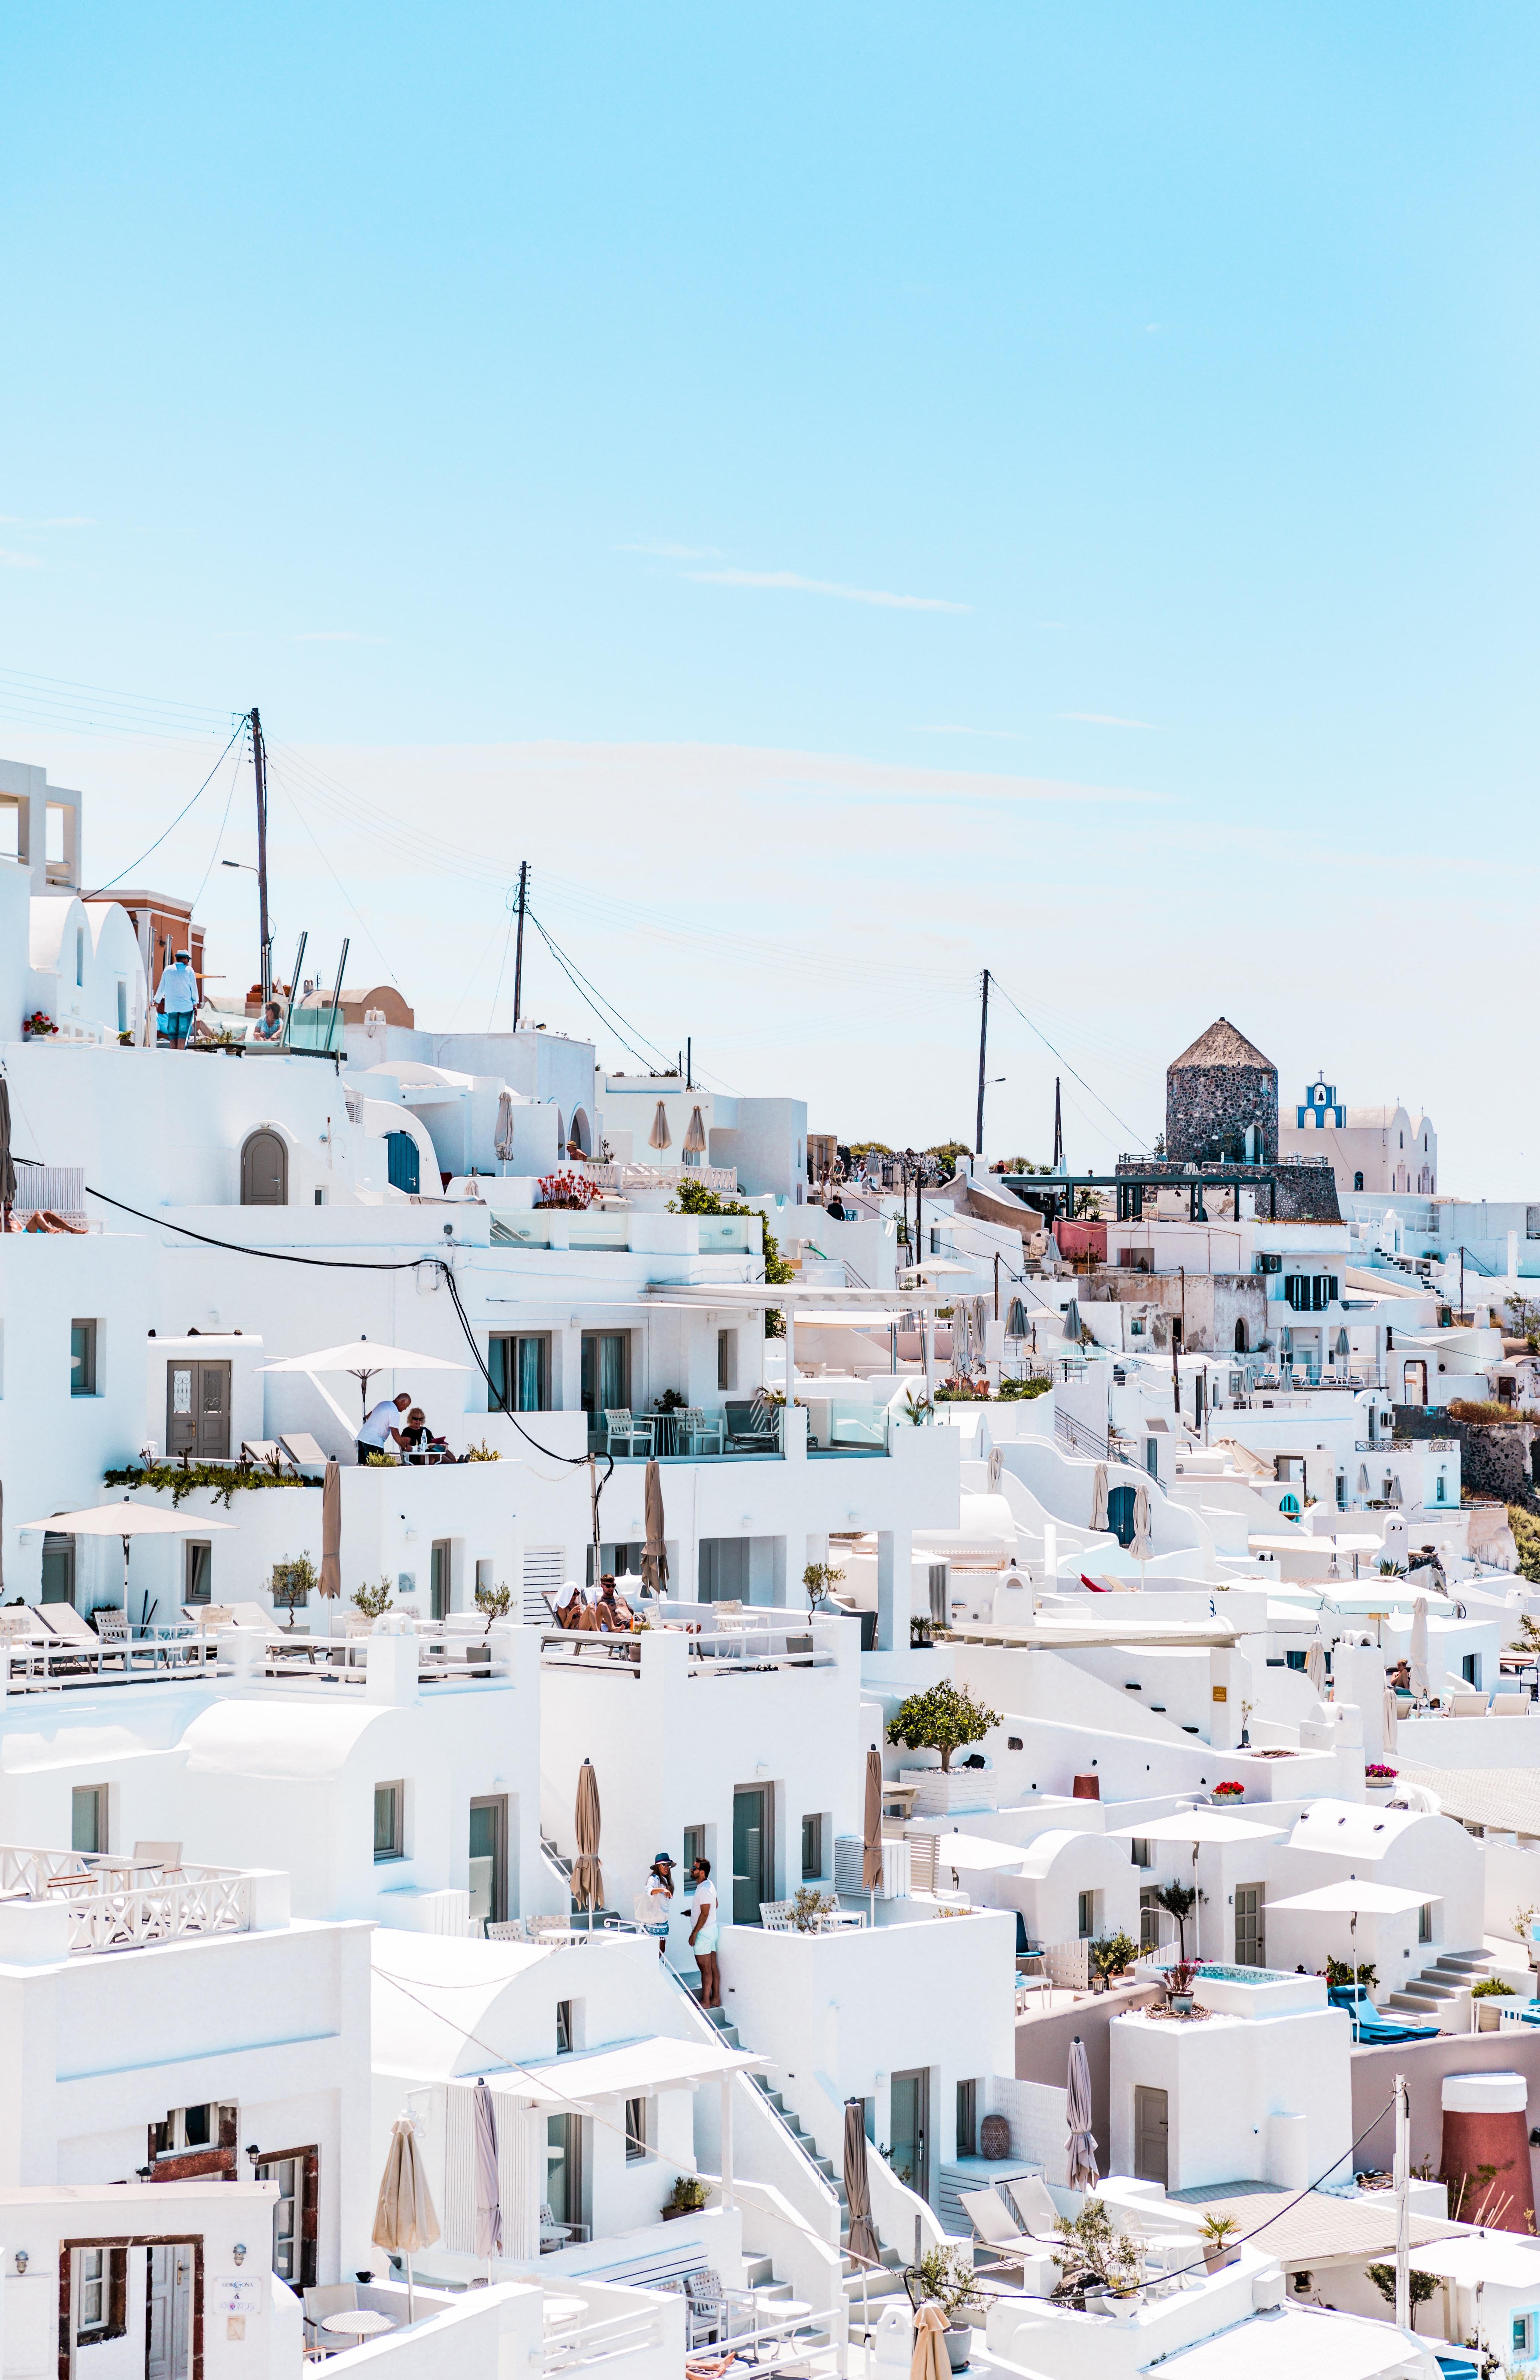 Santorini, Greece buildings on a hill